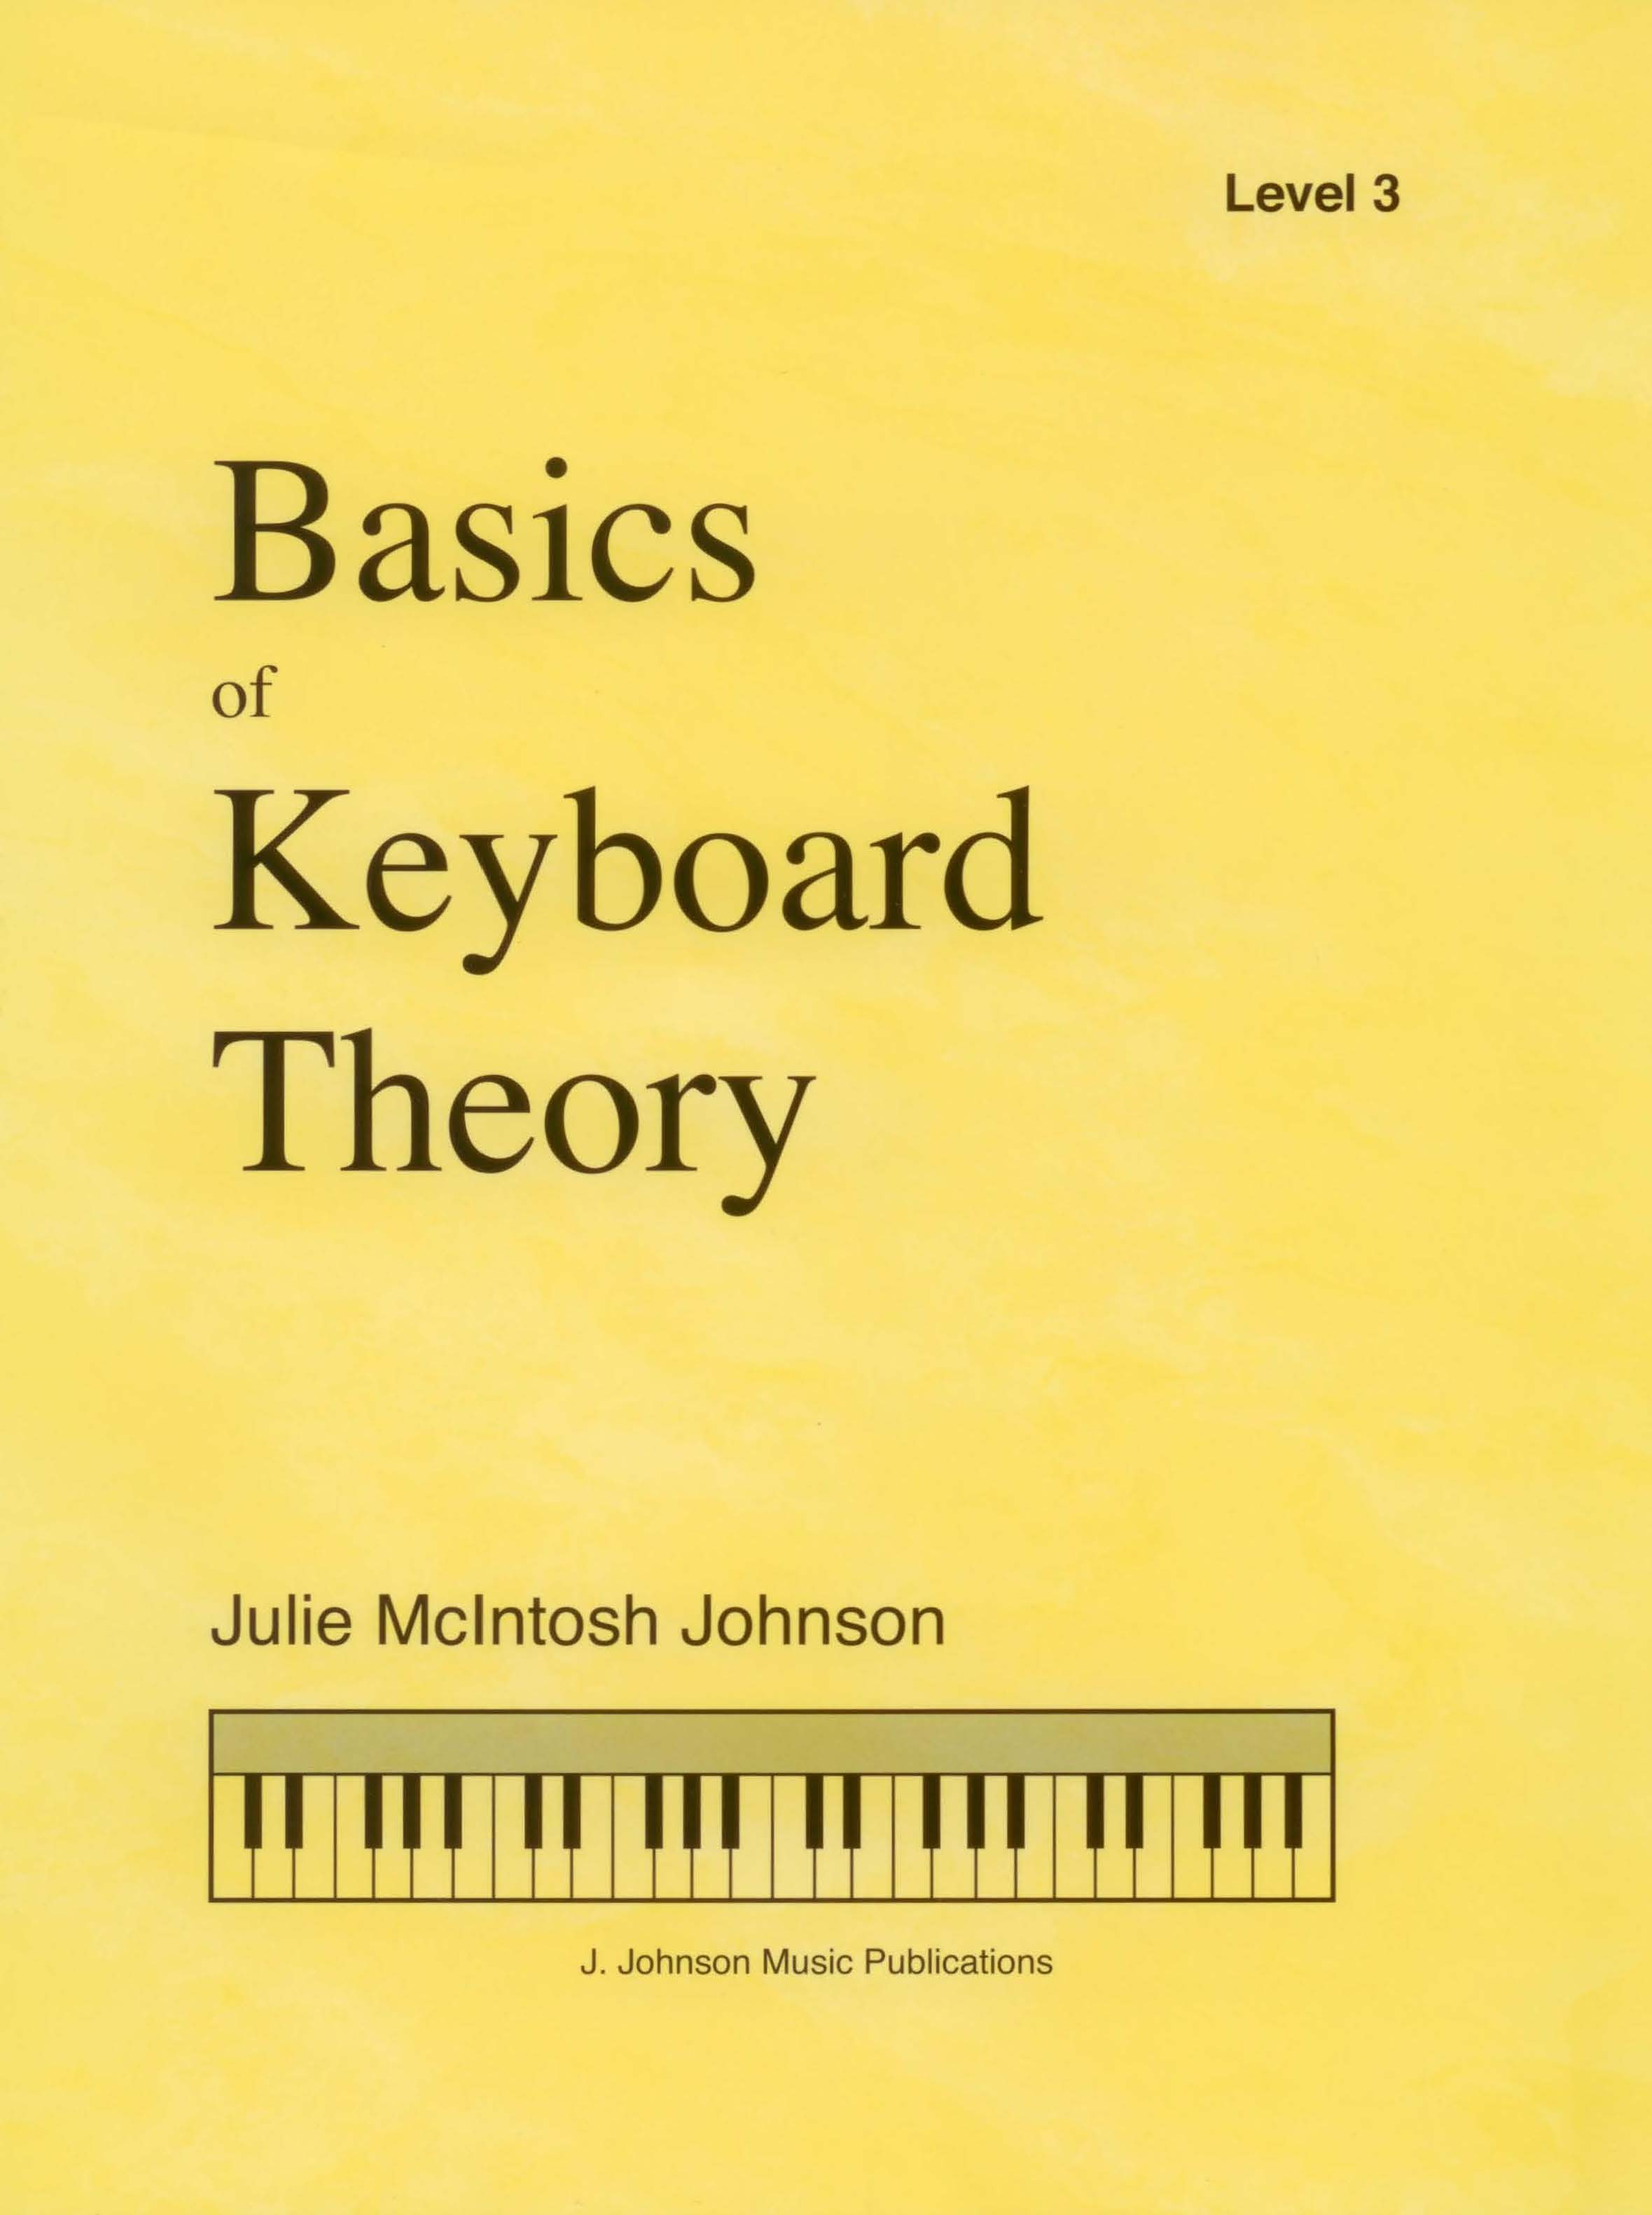 Basics of Keyboard Theory Level 3